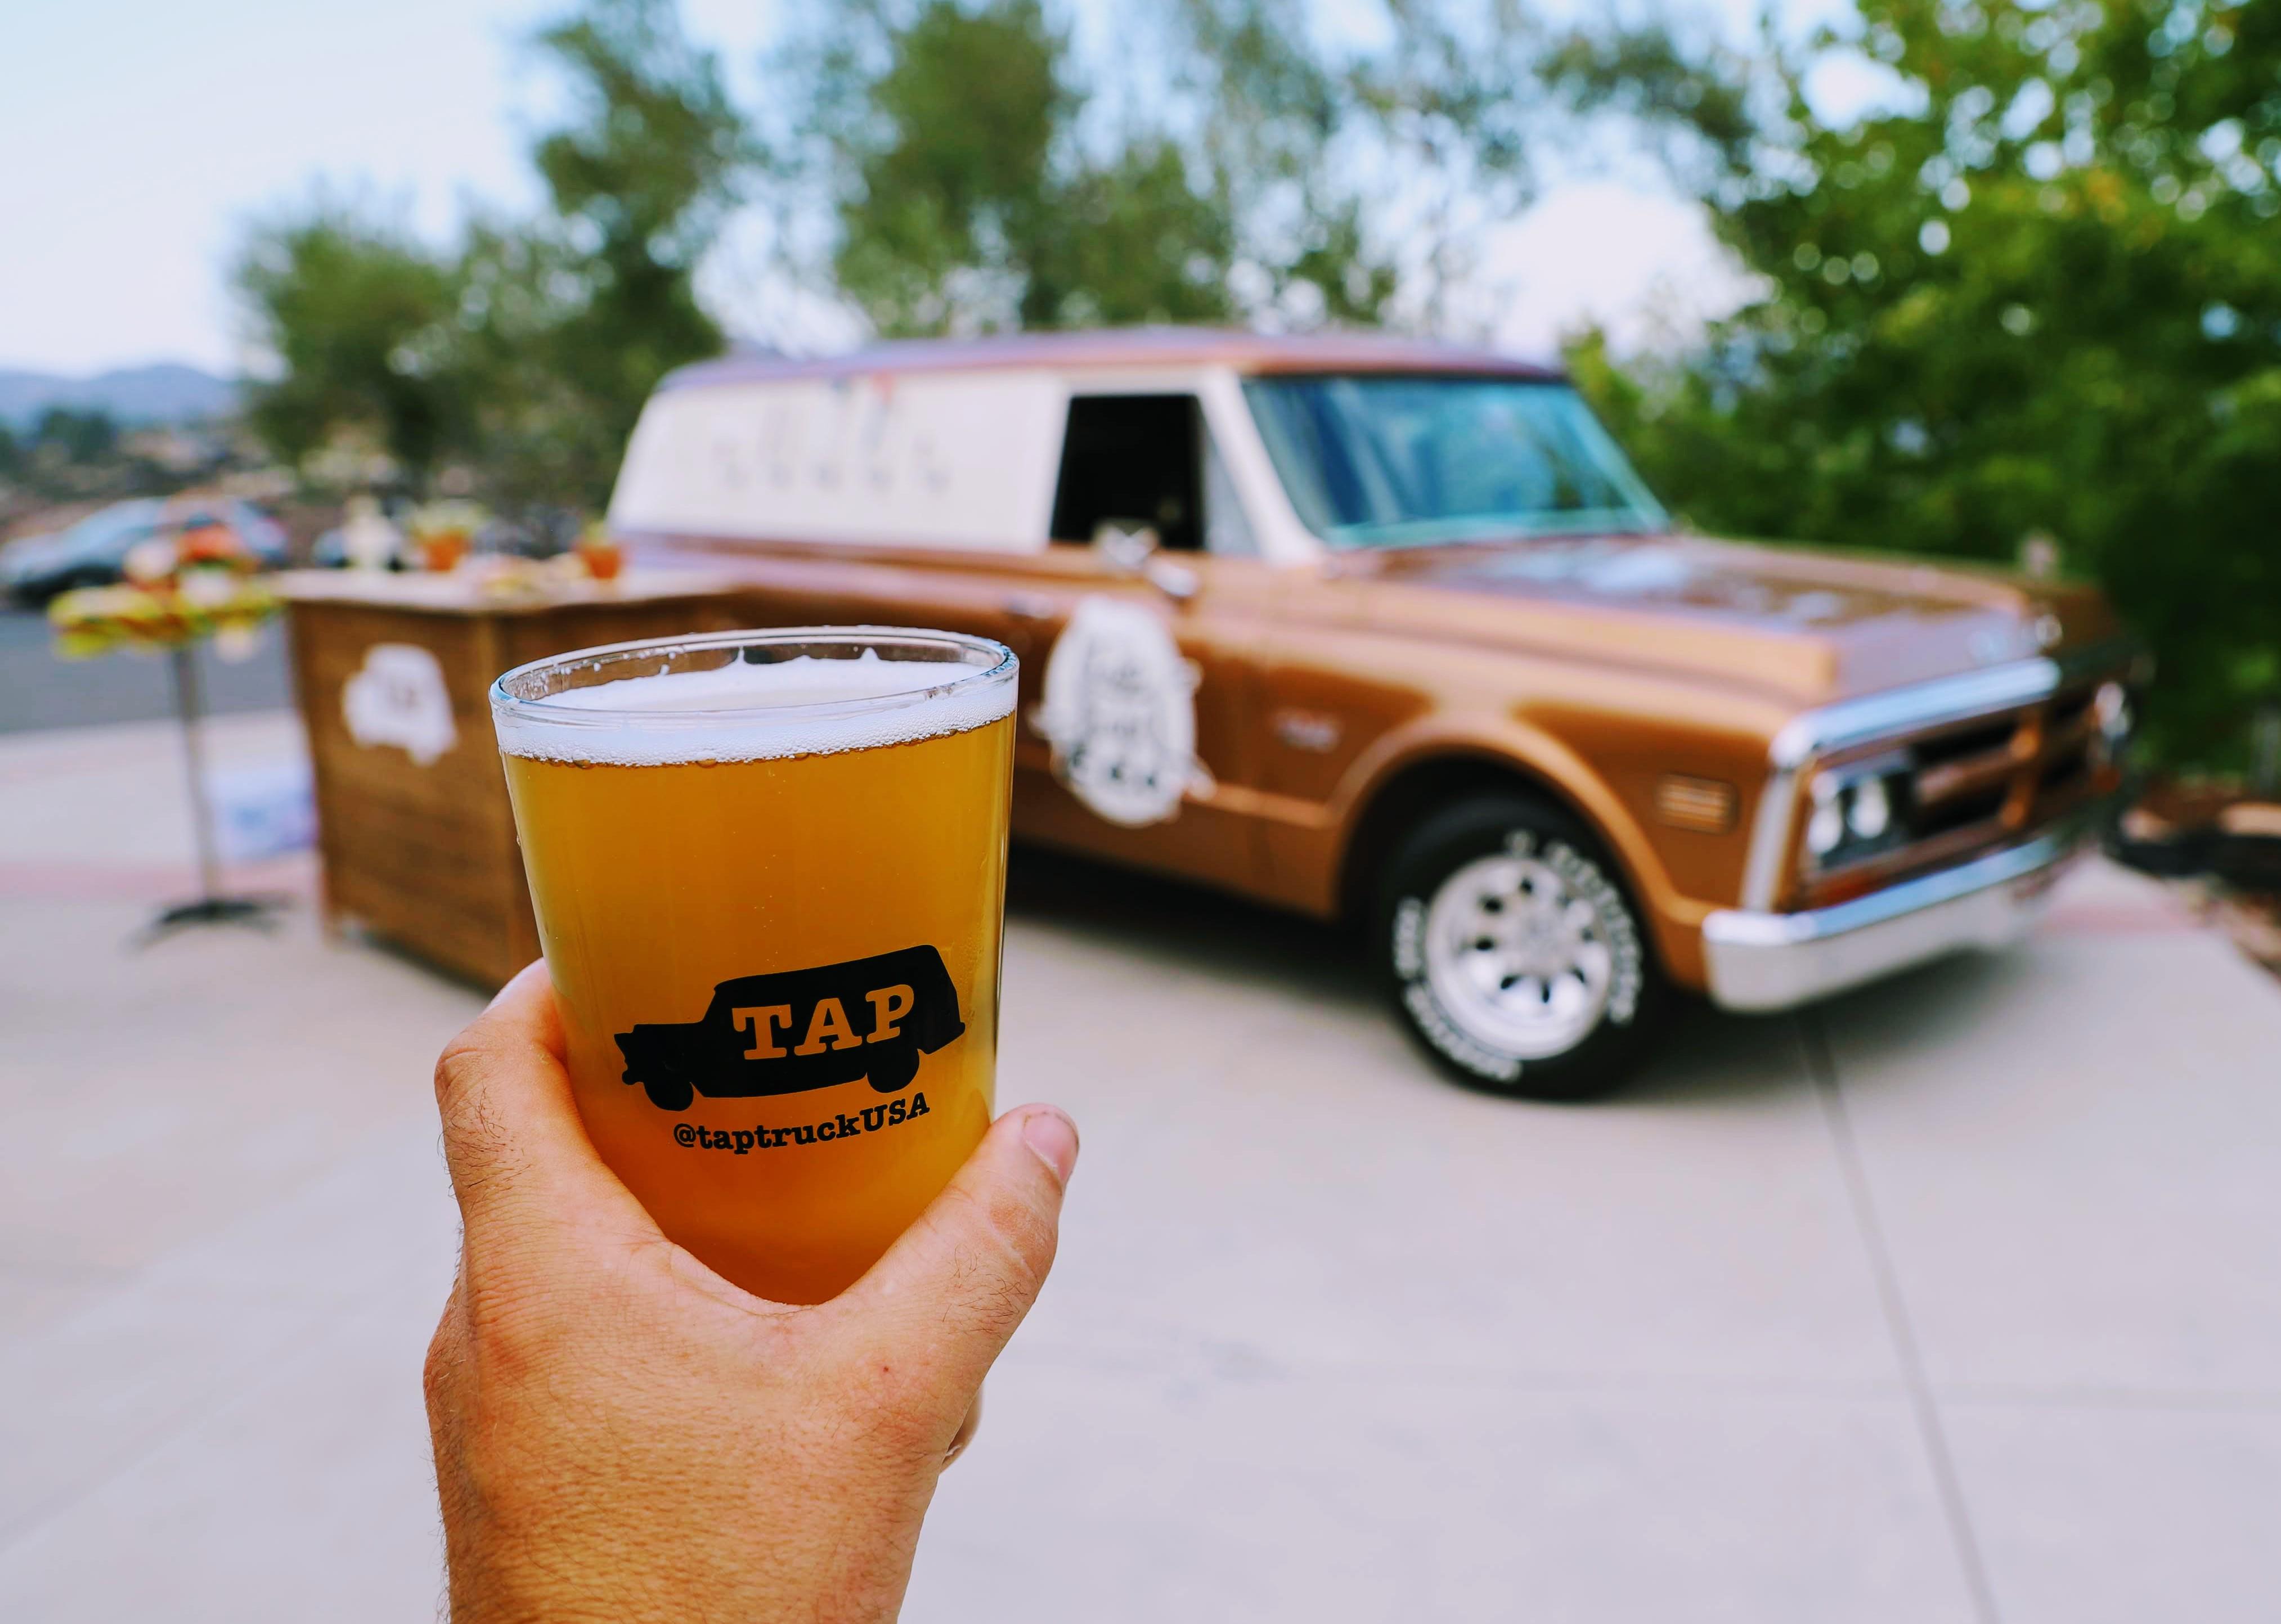 Tap Truck Nashville - Mobile Bar Service